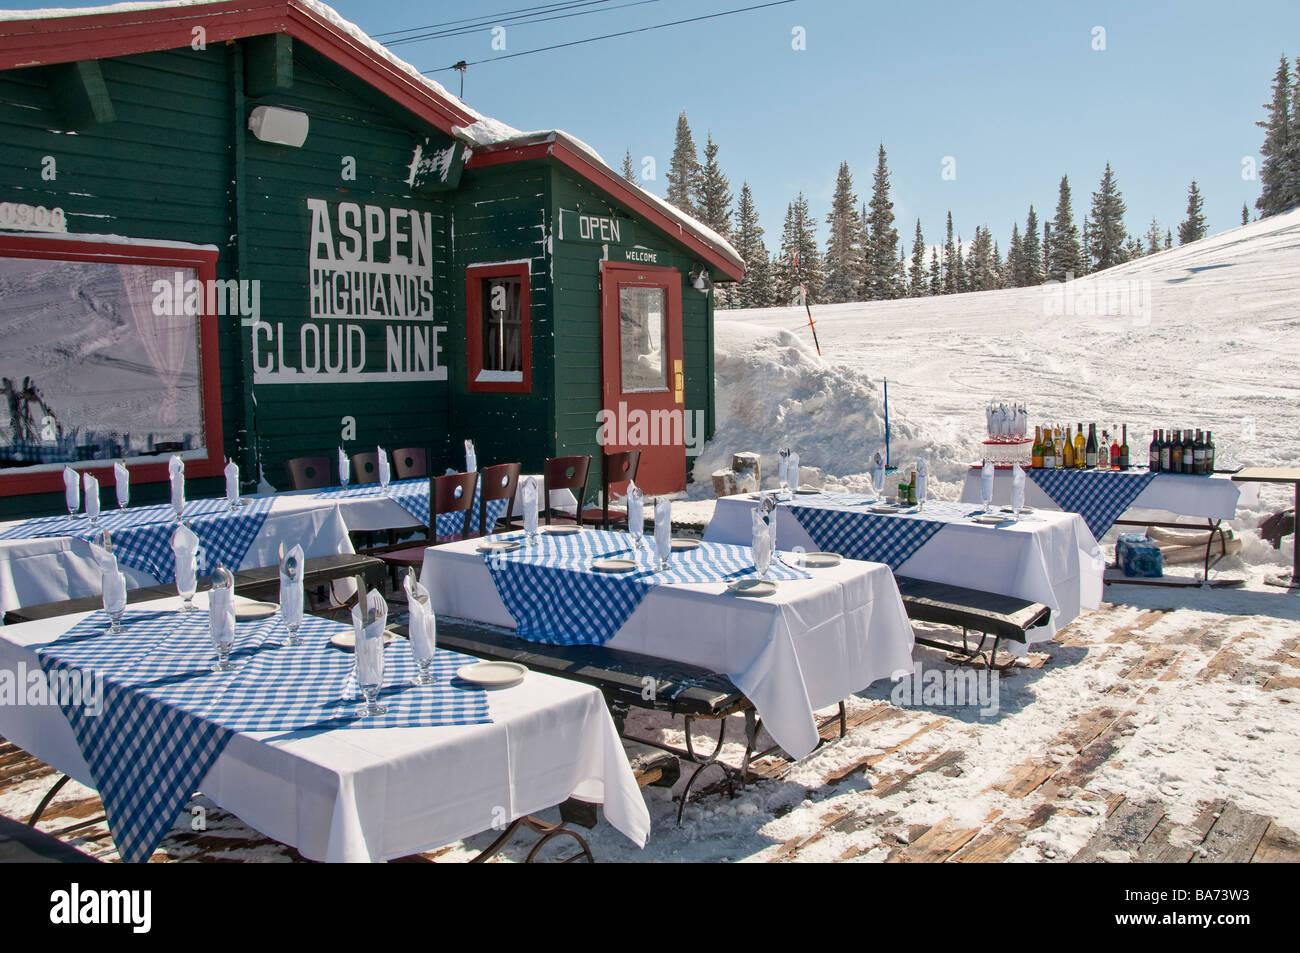 Cloud Nine Alpine Bistro, Aspen Highlands Ski Area, Aspen, Colorado. - Stock Image